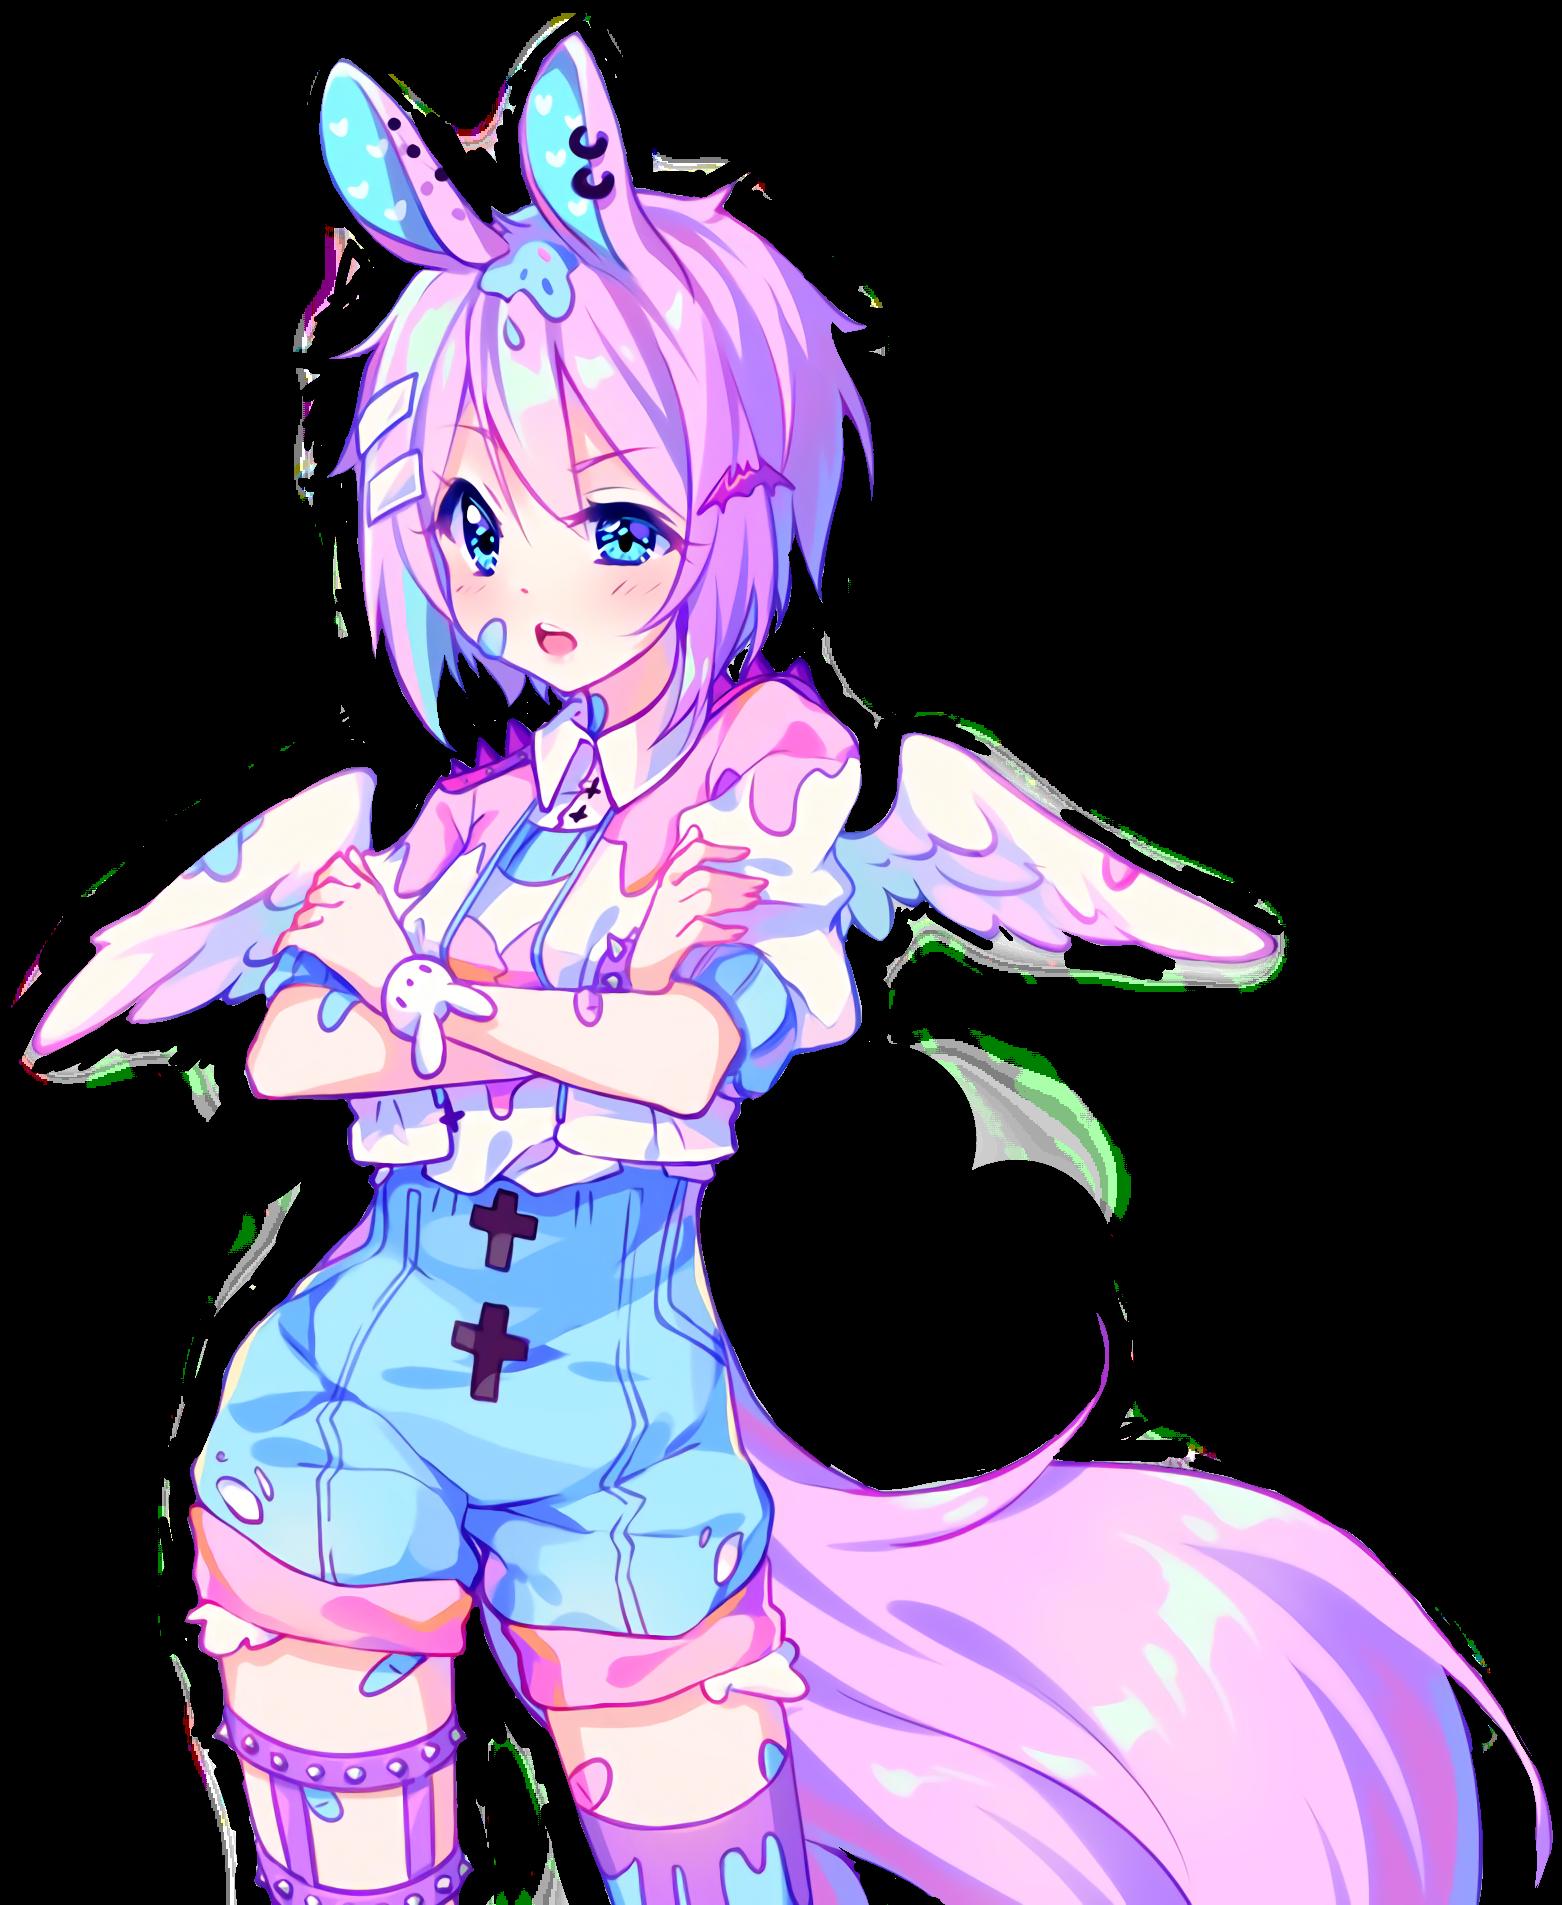 cute hyannanatsu highresolution waifu2x bunnygirl kawai.